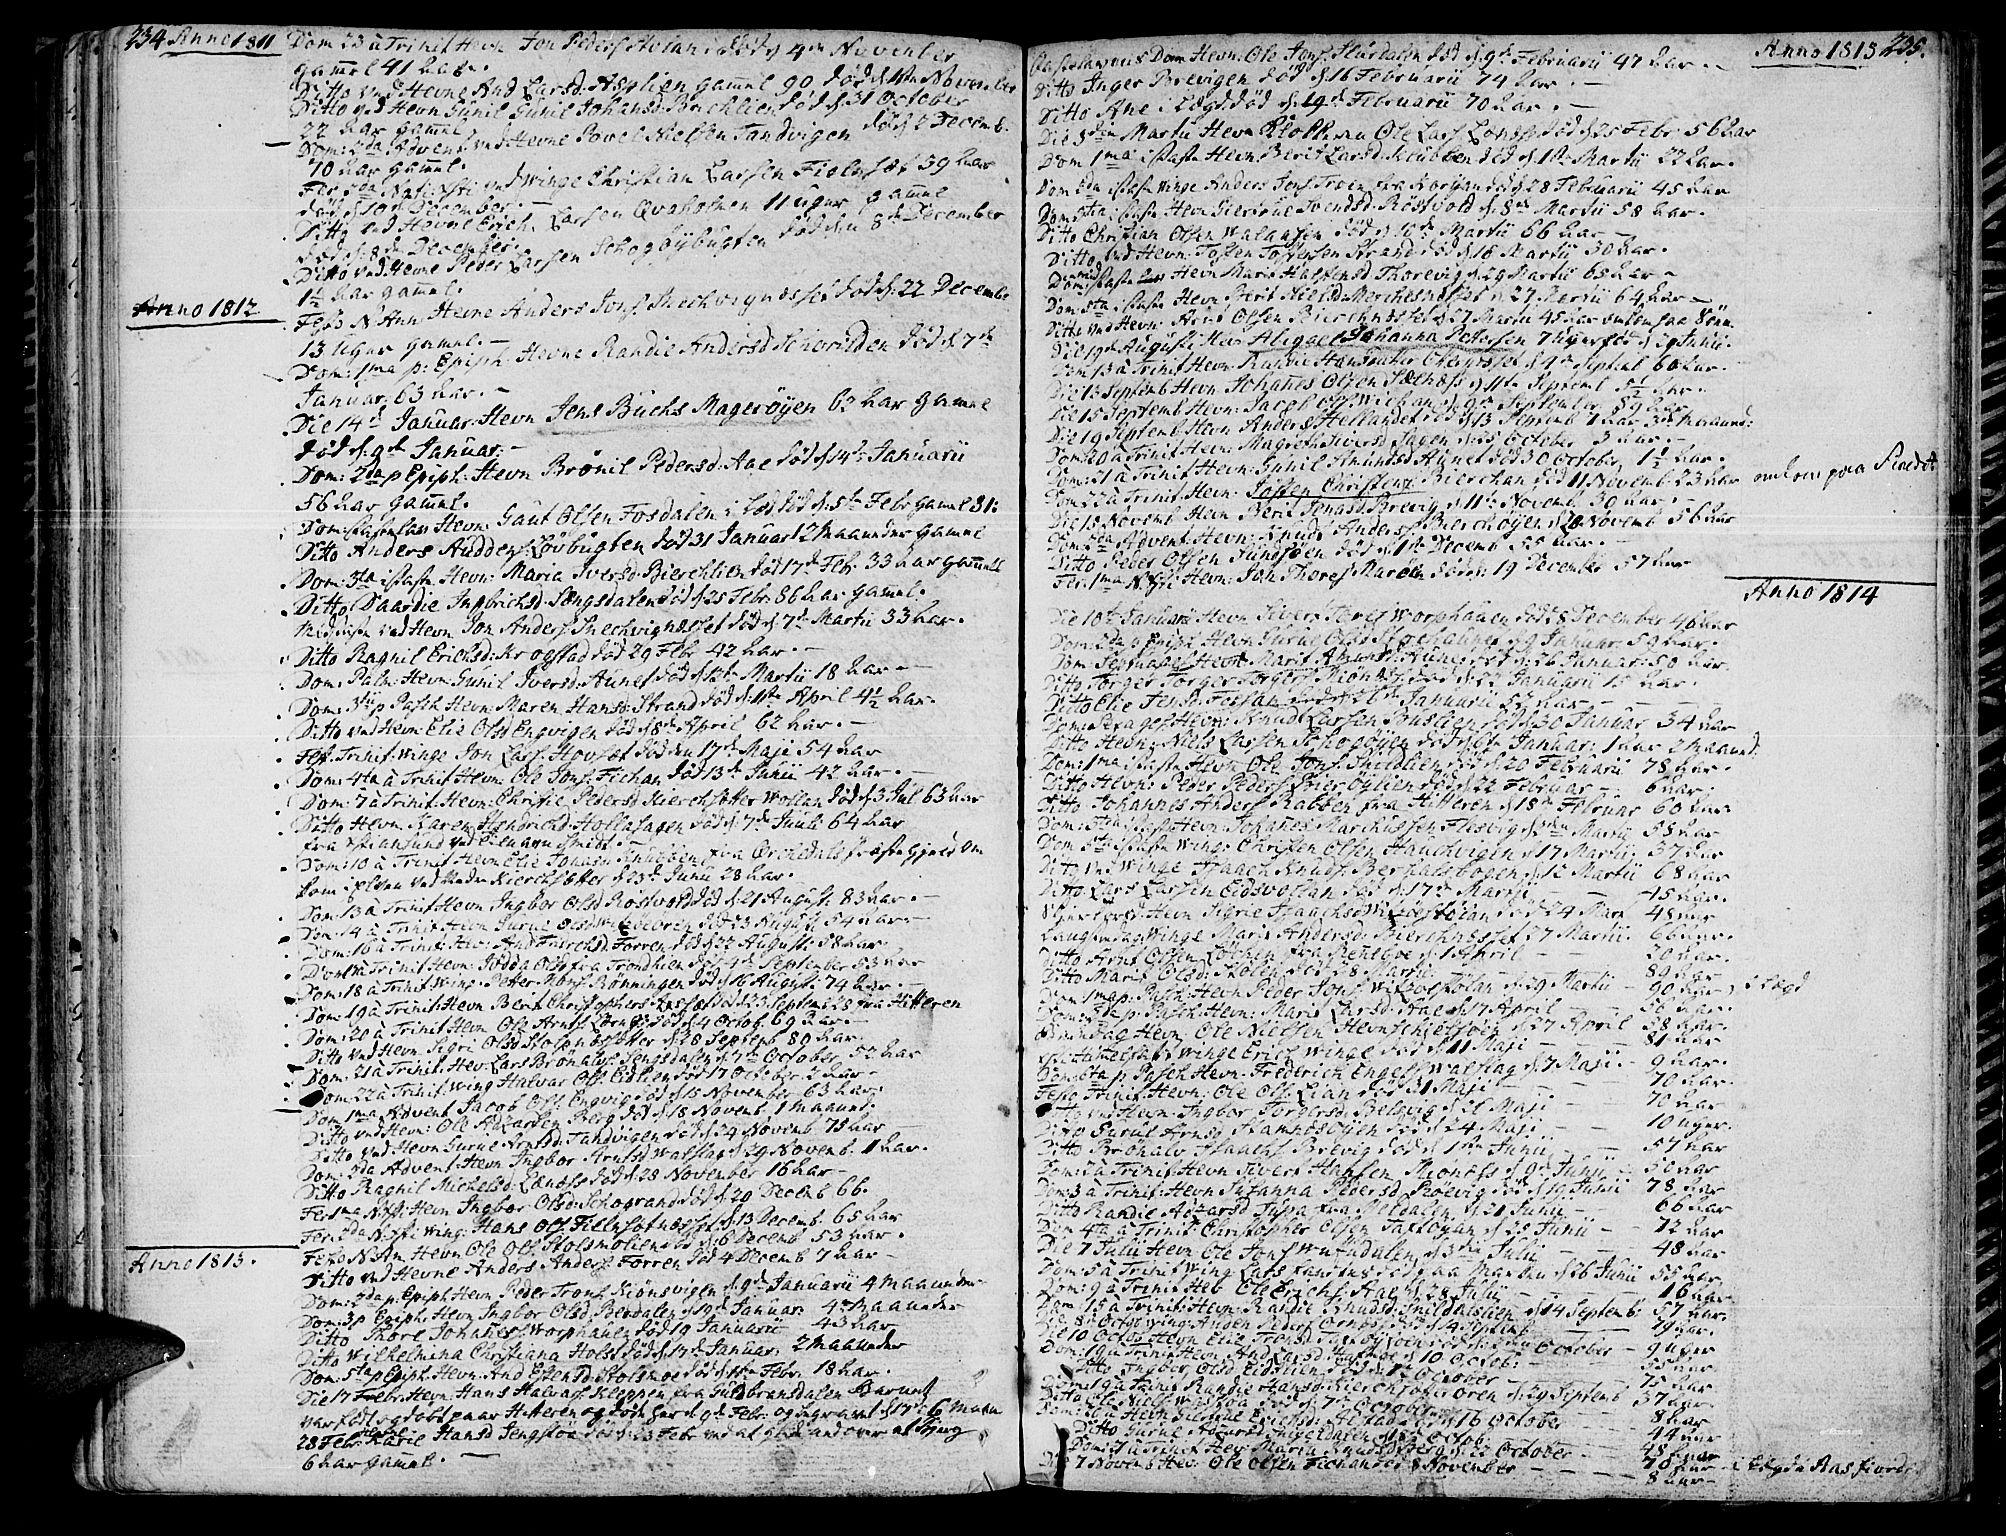 SAT, Ministerialprotokoller, klokkerbøker og fødselsregistre - Sør-Trøndelag, 630/L0490: Ministerialbok nr. 630A03, 1795-1818, s. 234-235